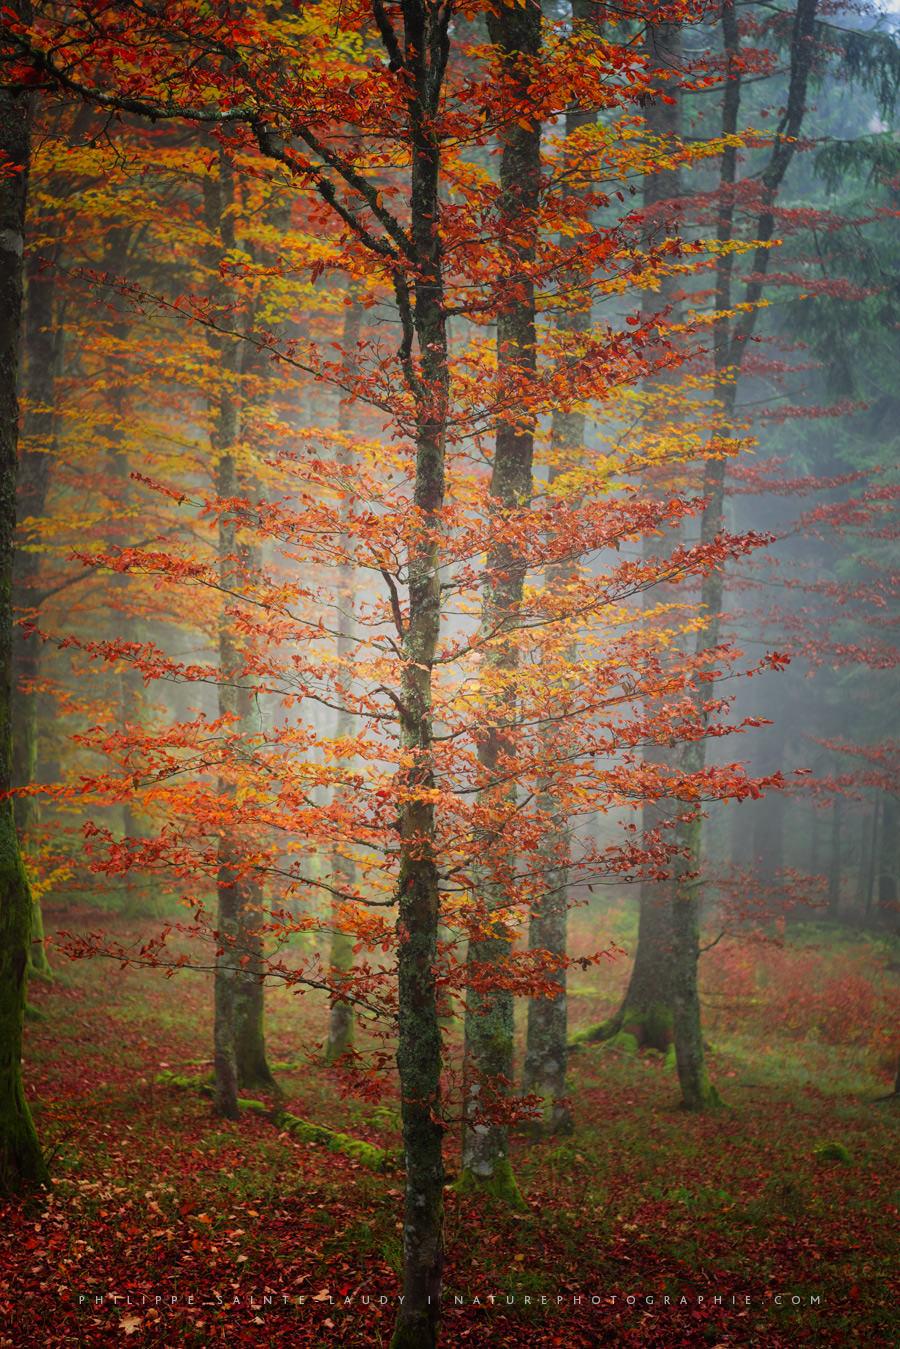 Autumn's End